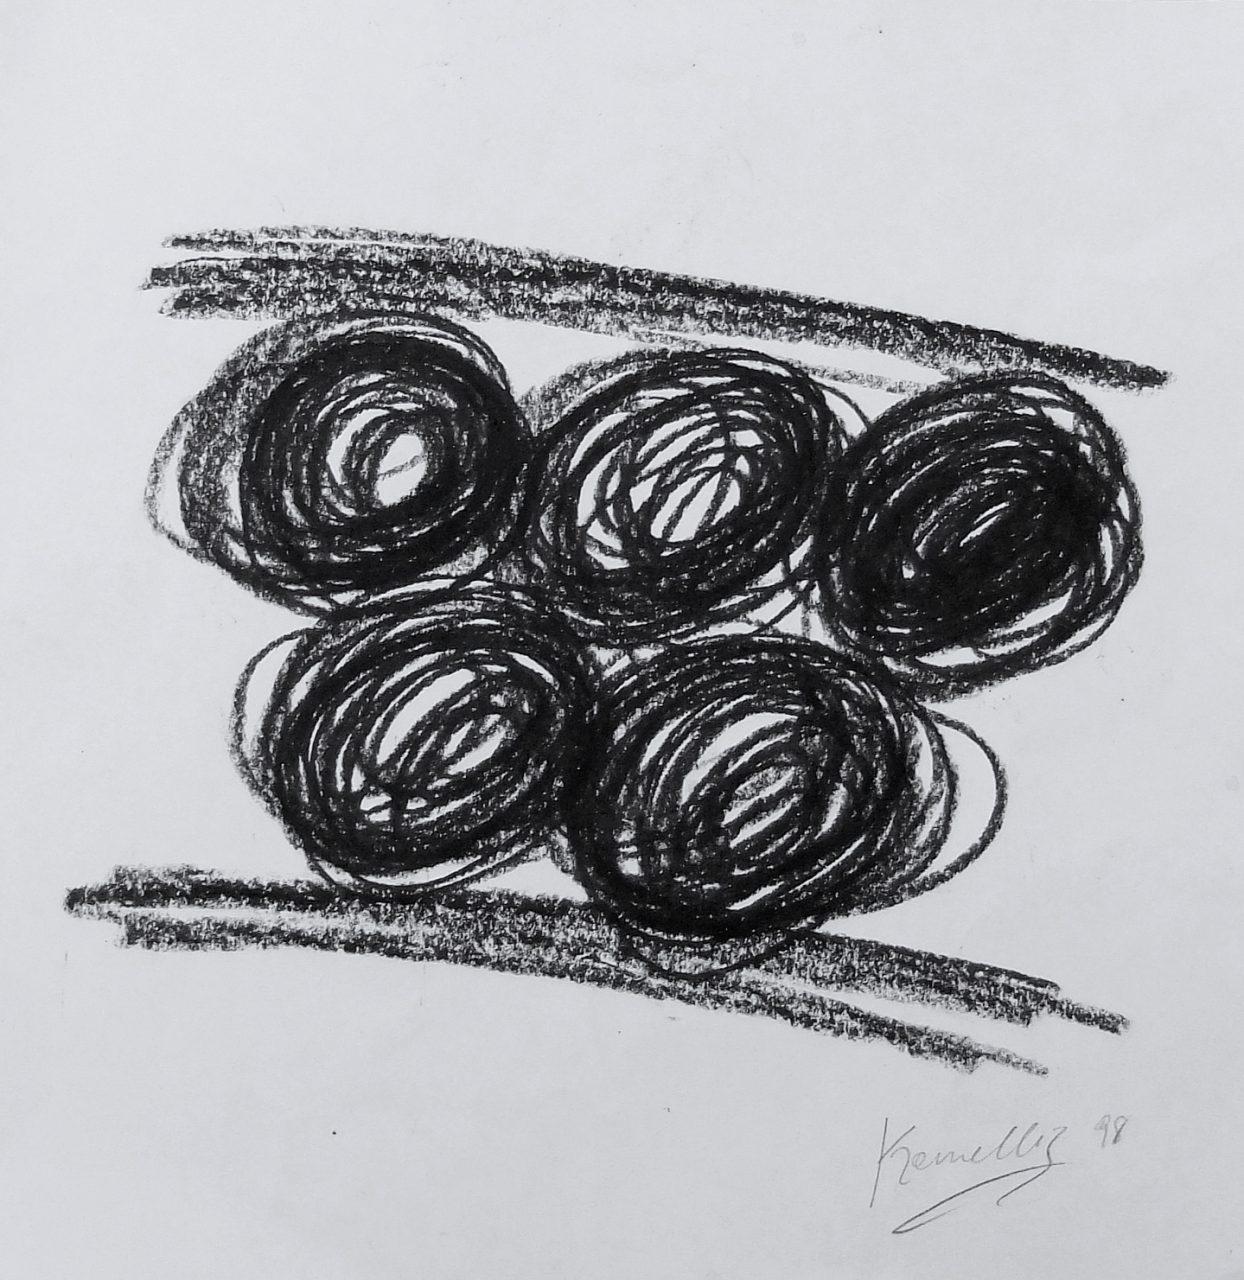 073. ΚΟΥΝΕΛΛΗΣ Γιάννης (1936-2017)